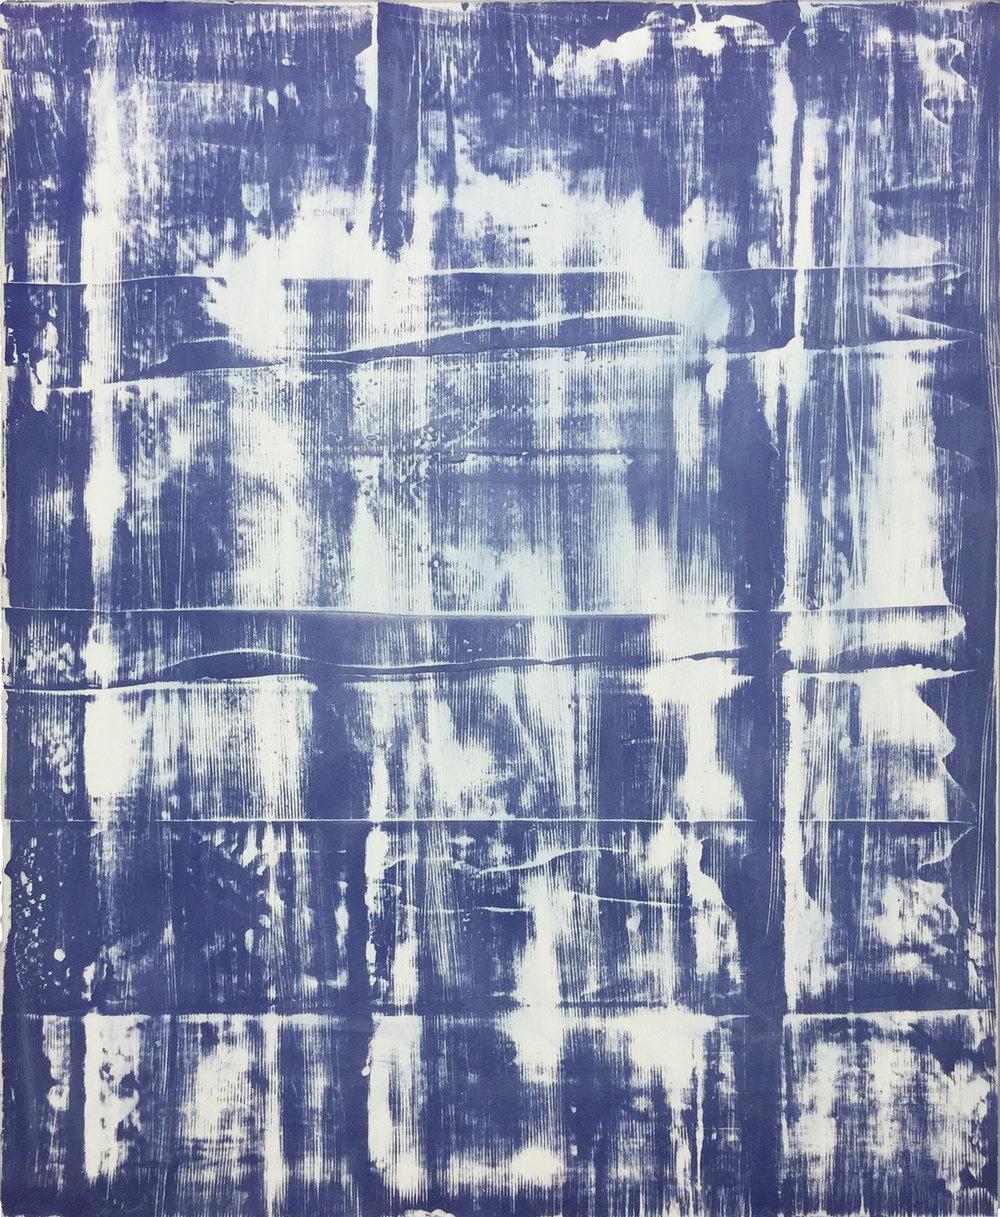 Offcut 02  2017  Plâtre, acrylique et peinture aérosol sur gypse  76 X 61 cm